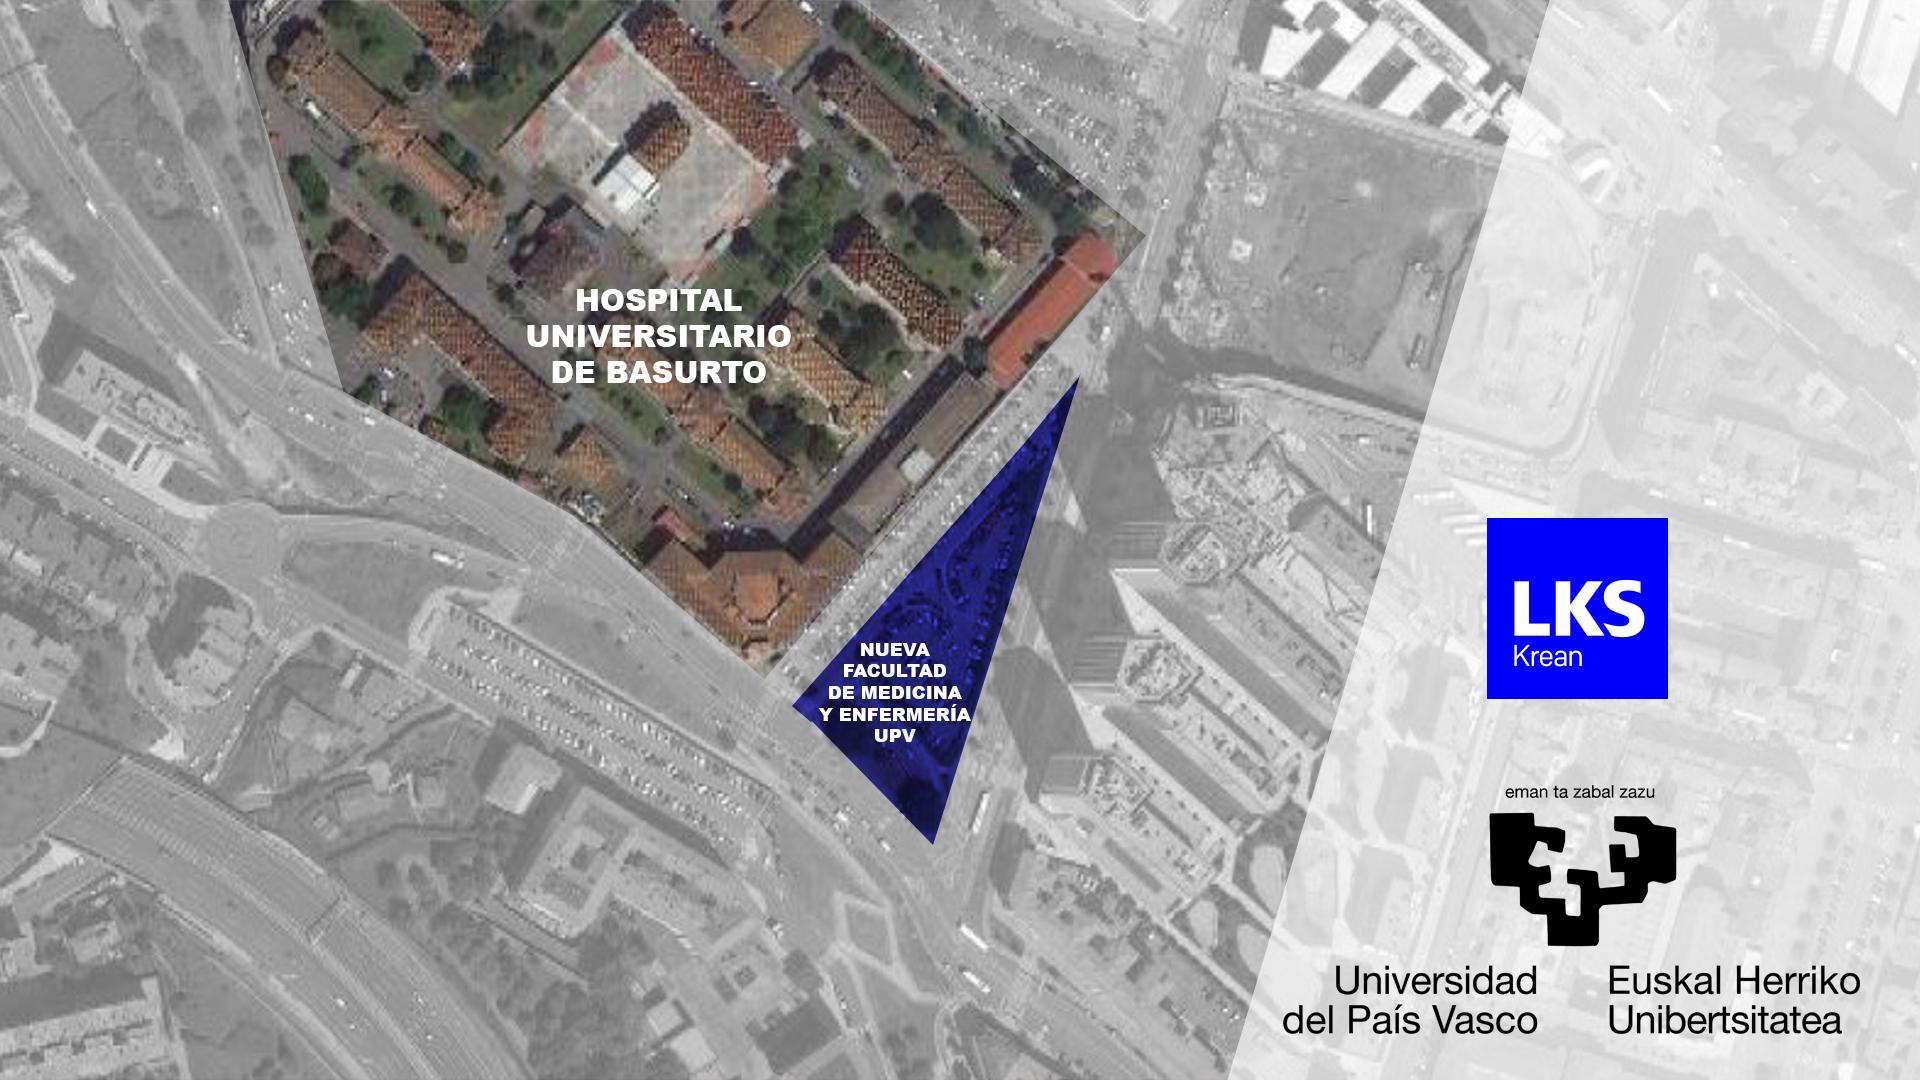 La Universidad del País Vasco ha confiado en LKS KREAN para el desarrollo de la nueva Facultad de Medicina y Enfermería de Basurto